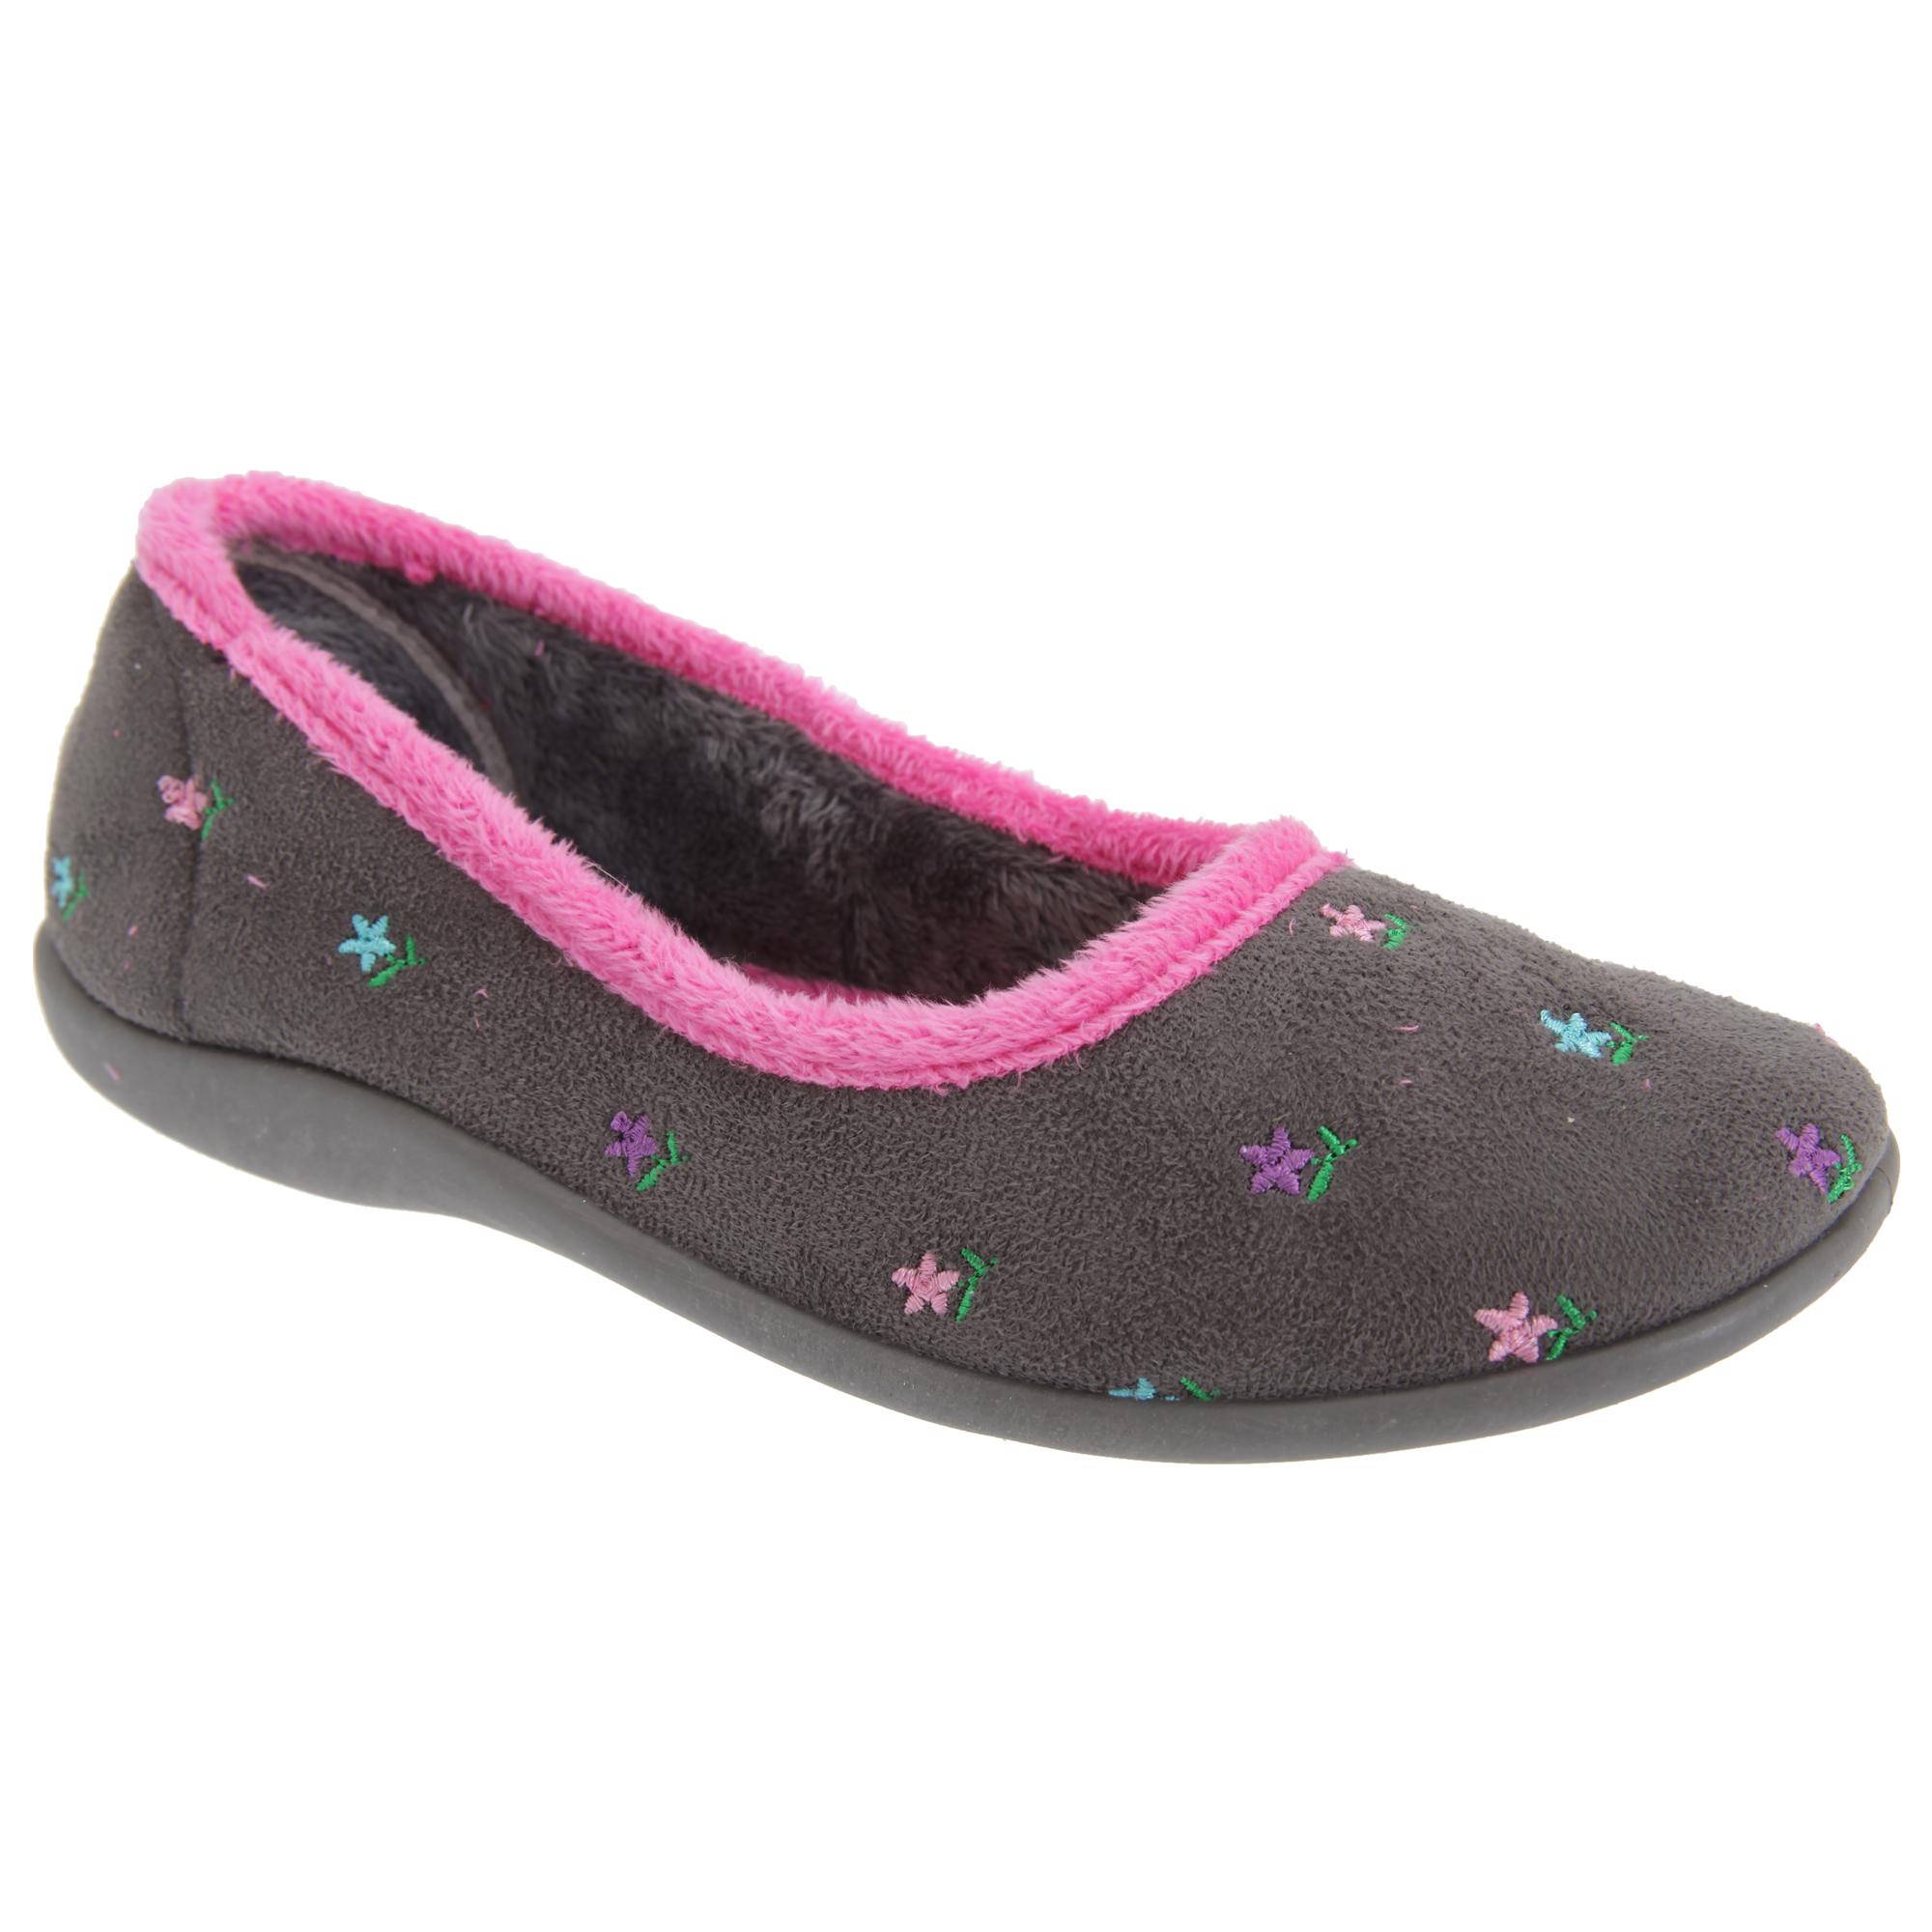 Sleepers Womens/Ladies Angel Floral Ballerina Slippers (DF1057)